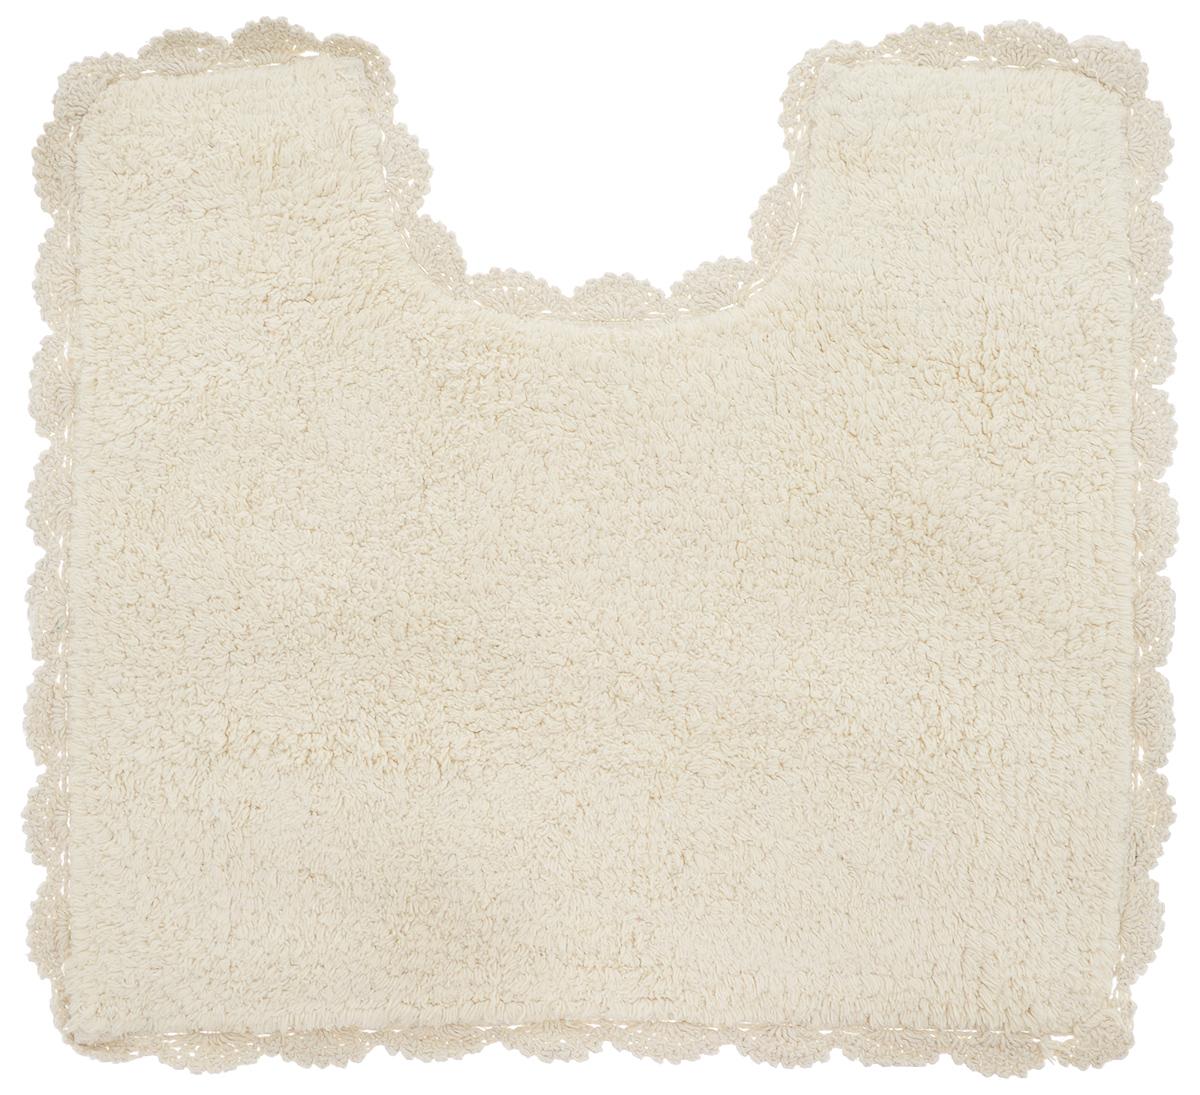 Коврик для туалета Arloni Лейс, цвет: бежевый, 50 х 50 см68/5/1Коврик Arloni Лейс изготовлен из экологически чистого материала - натурального хлопка. Оформлен невероятно красивым кружевом. Коврик мягкий и приятный на ощупь. Отличается высокой износоустойчивостью, хорошо впитывает влагу, не теряет своих свойств после многократных стирок. Коврик Arloni Лейс гармонично впишется в интерьер вашего дома и создаст атмосферу уюта и комфорта. Изделие отличается высоким качеством пошива и стильным дизайном, а материал прекрасно переносит большое количество стирок. Легко стирается в стиральной машине или вручную.